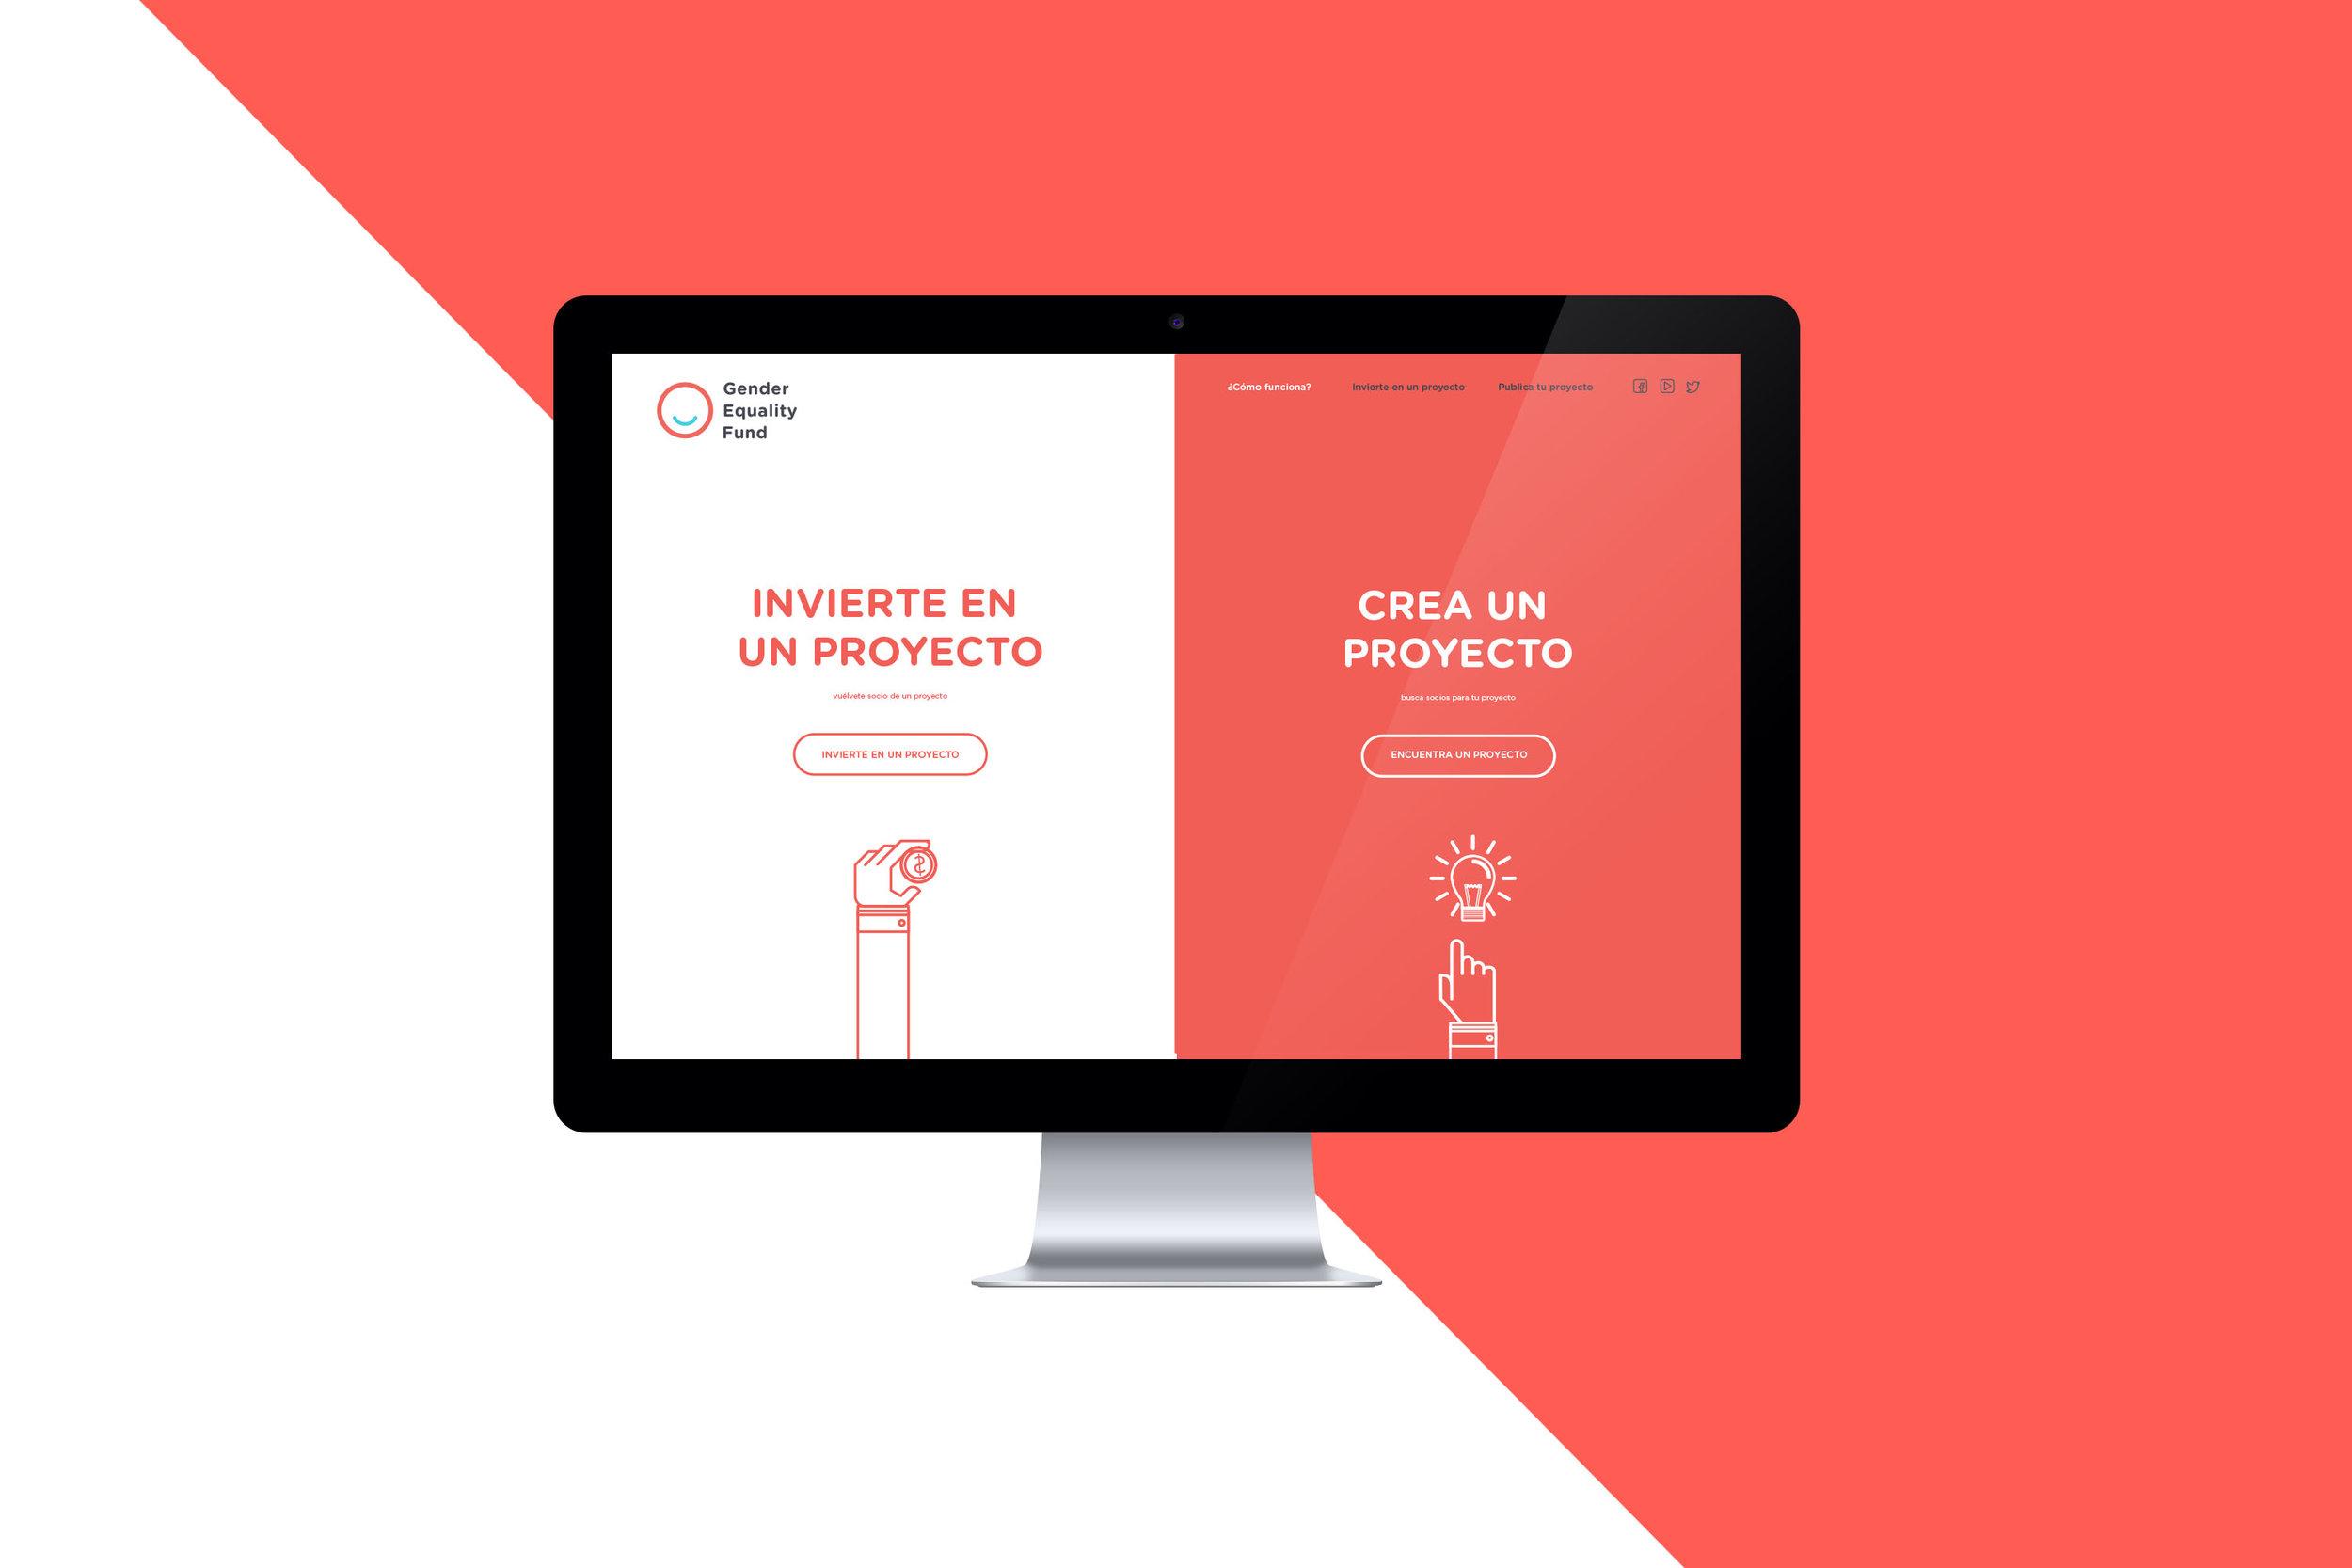 Website design for Gender Equality Fund